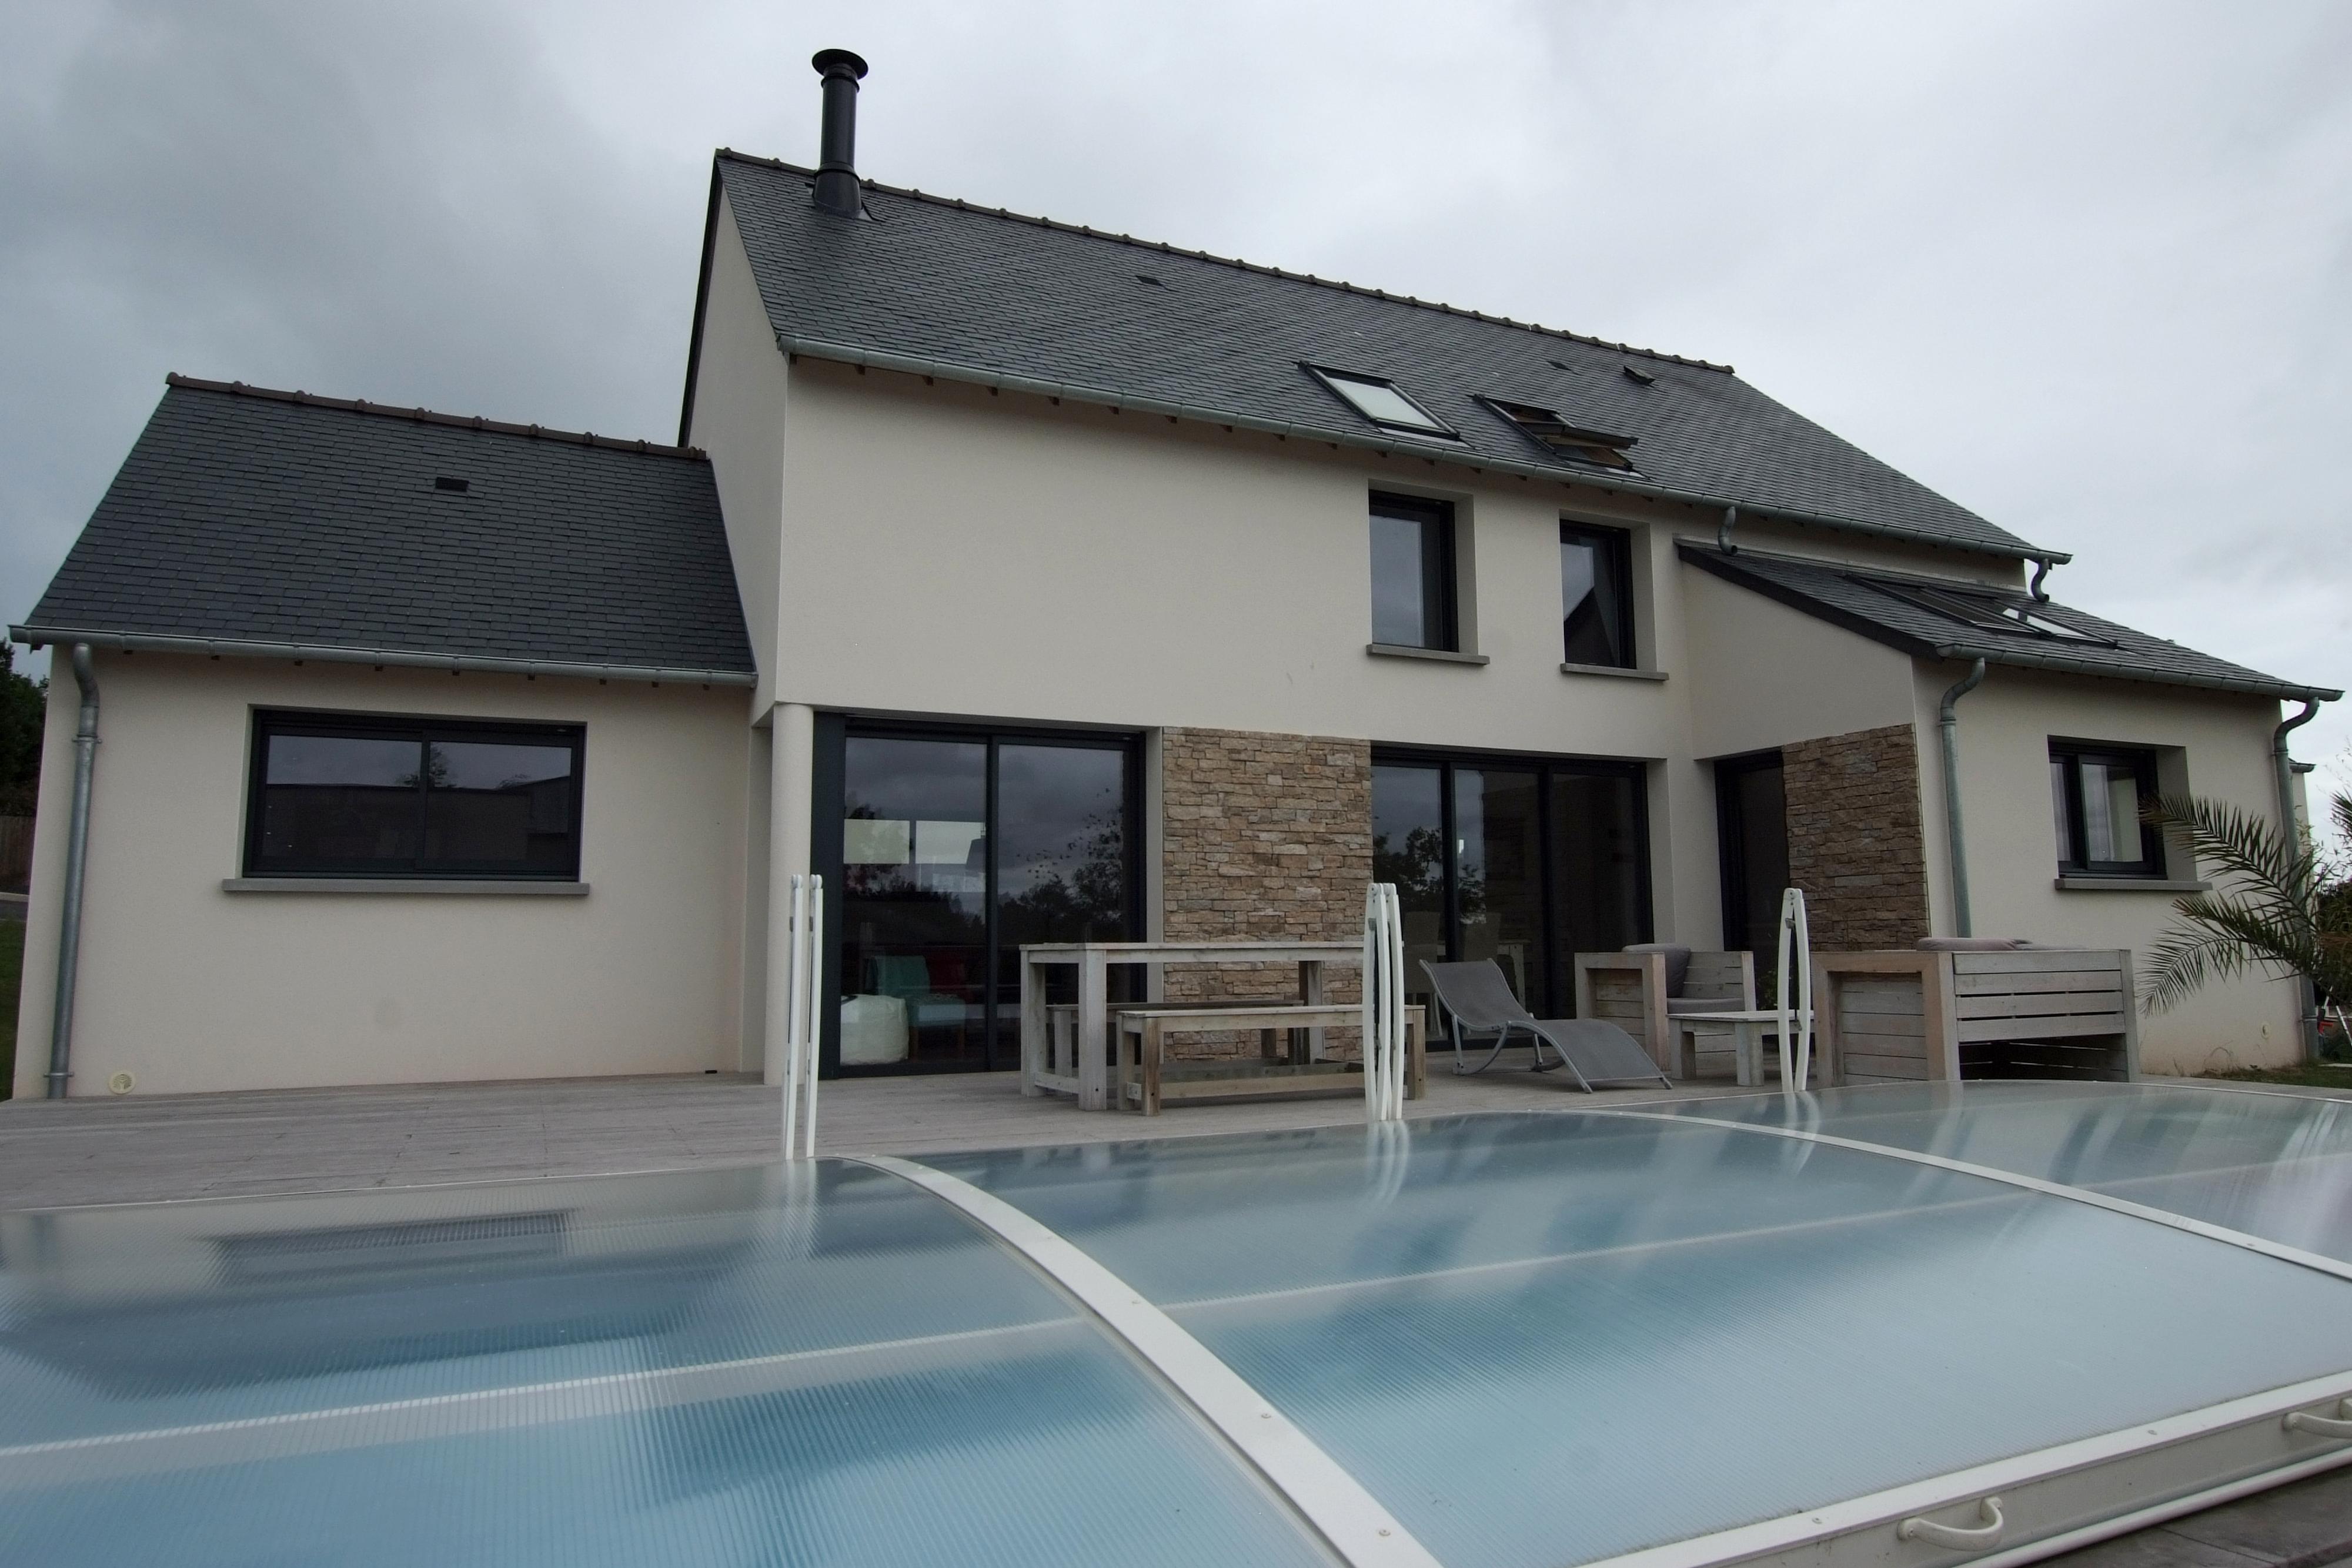 Maison double pente ardoises naturelles avec piscine for Double maison